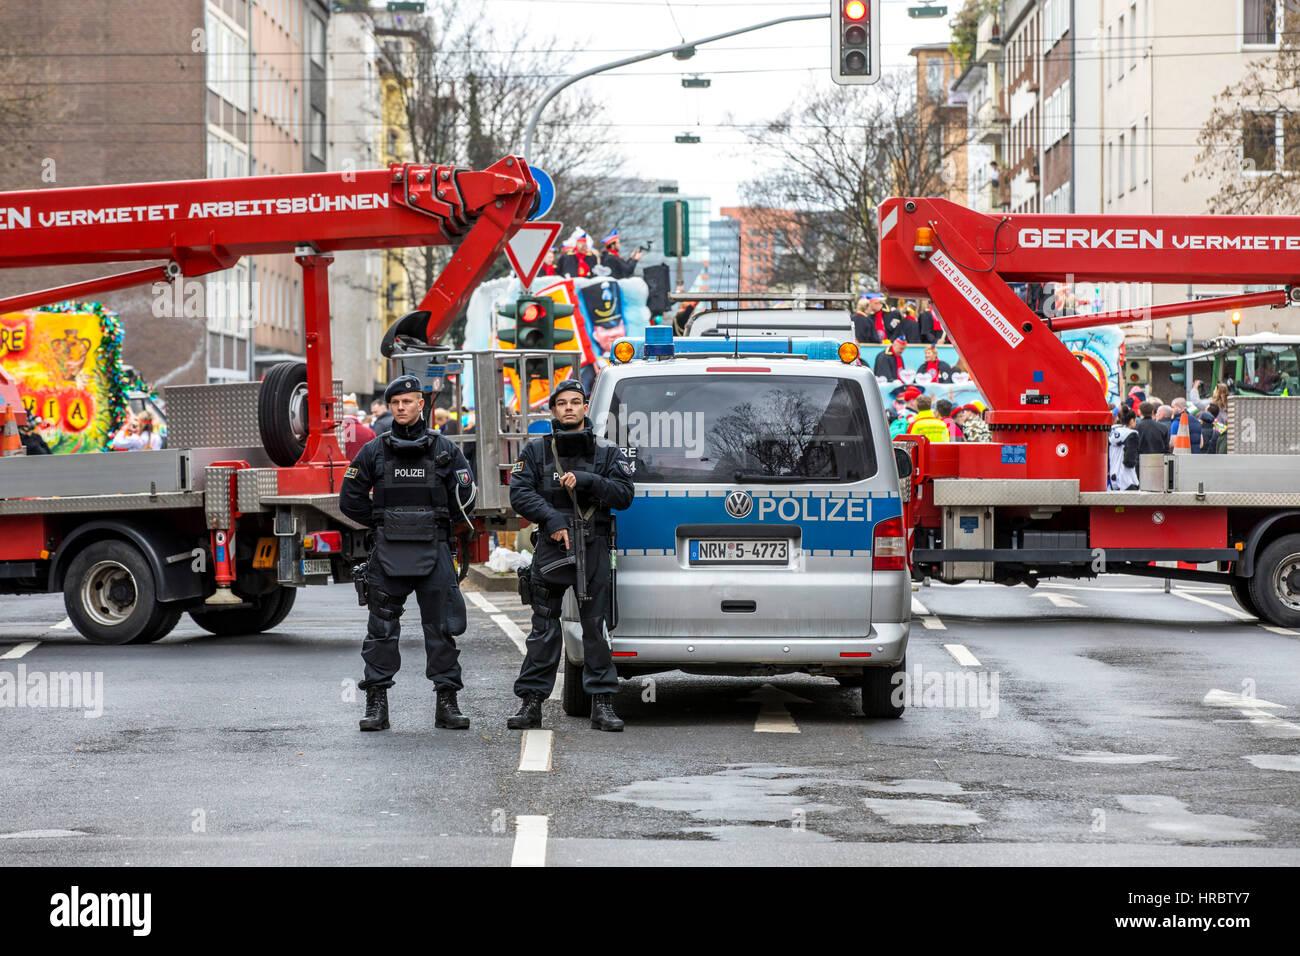 Desfile del Carnaval Alemán en Düsseldorf, policías fijan el desfile, el bloqueo de carreteras con Imagen De Stock